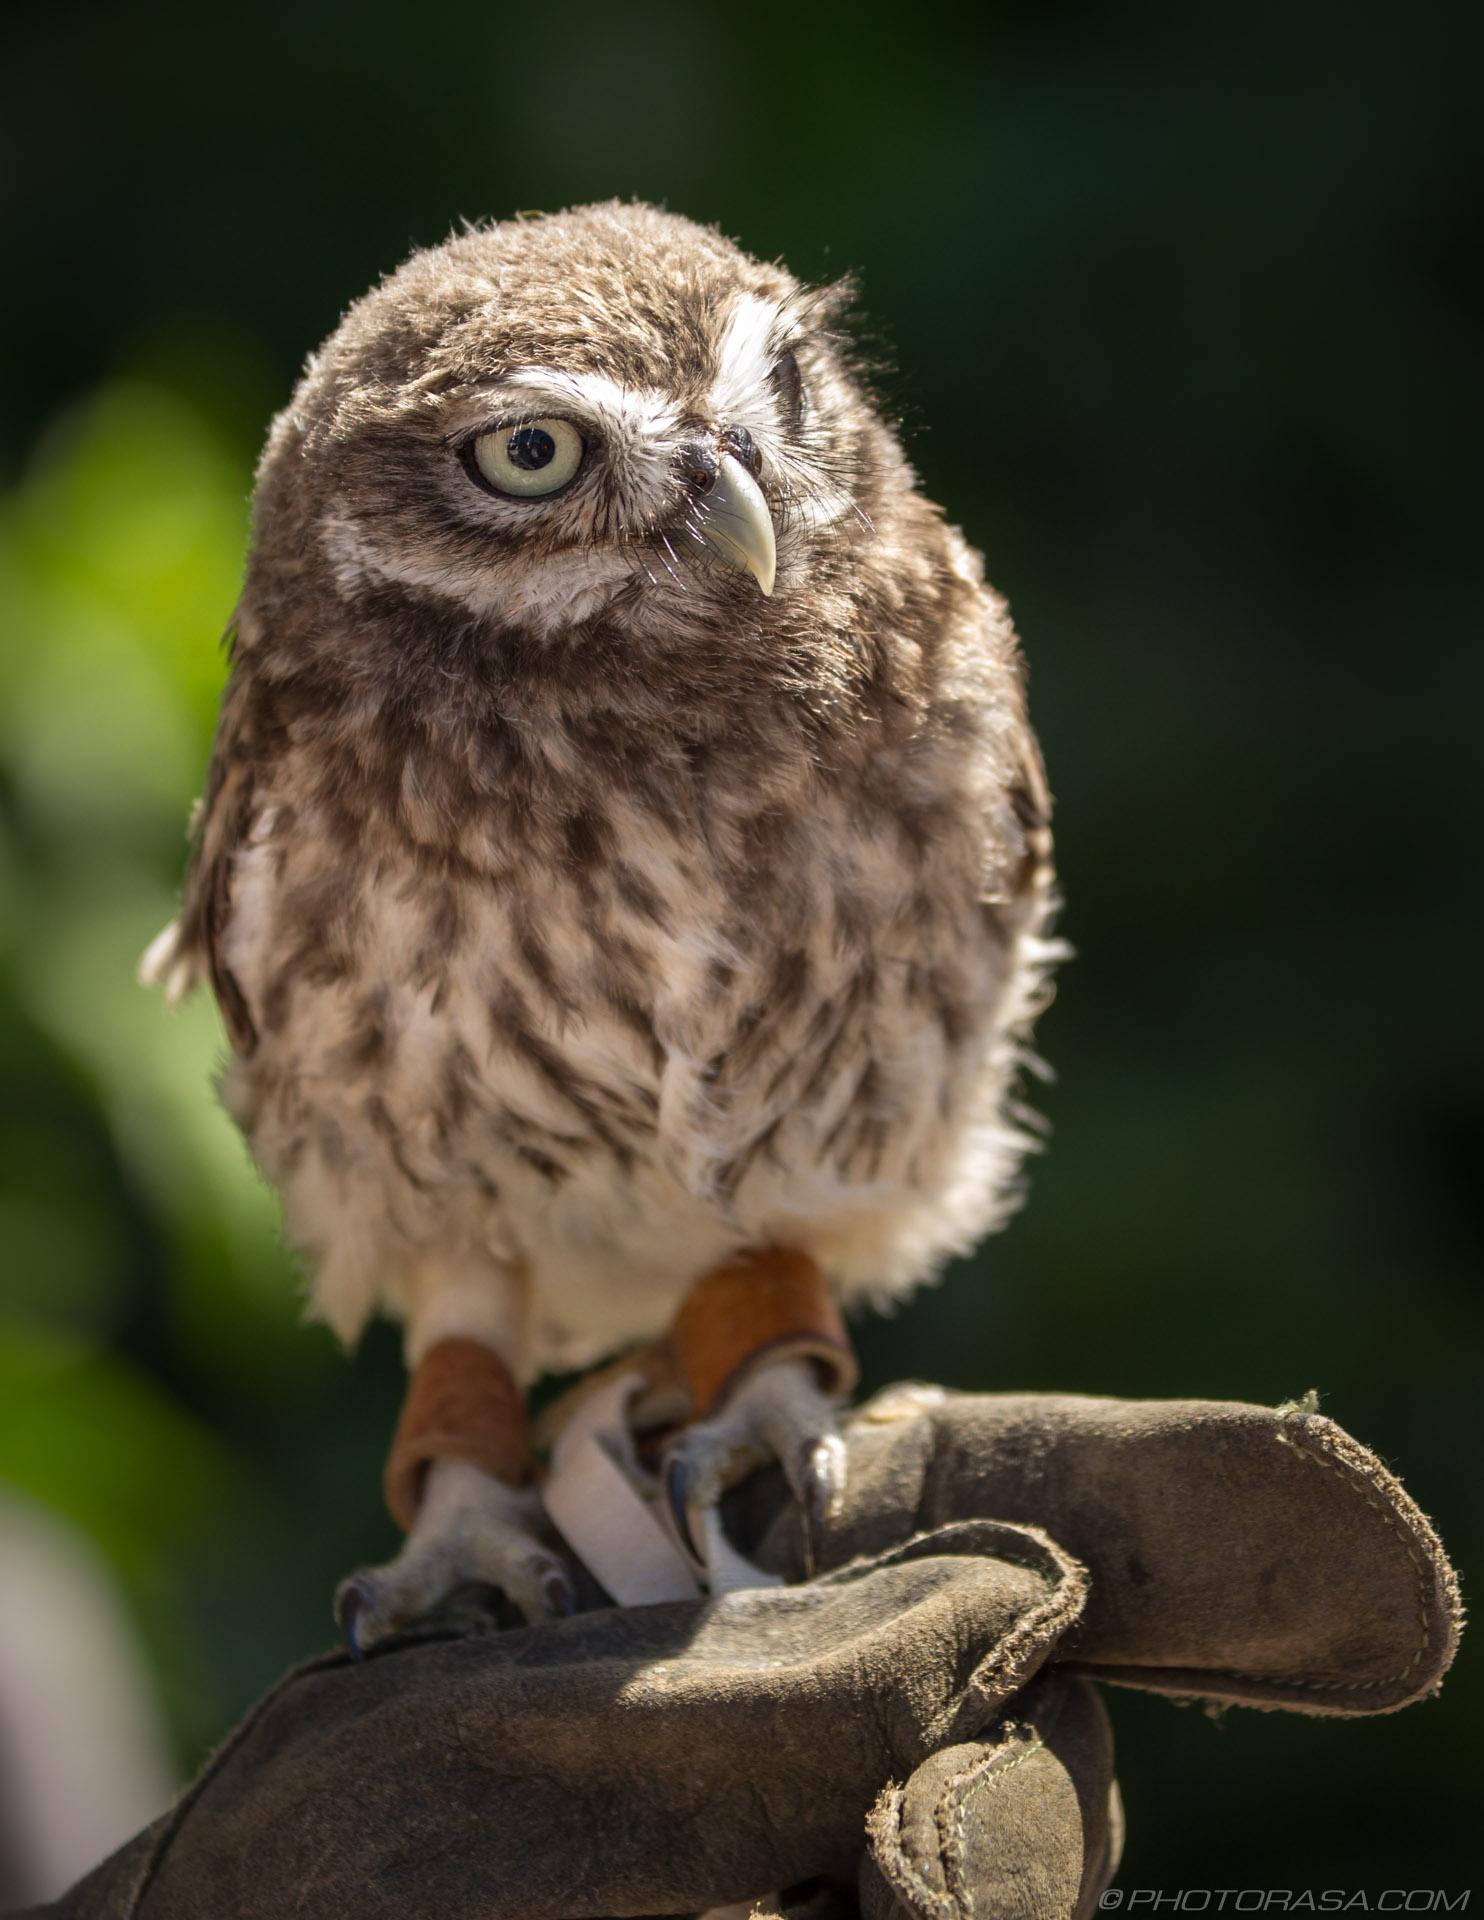 https://photorasa.com/owls/little-owl-3/